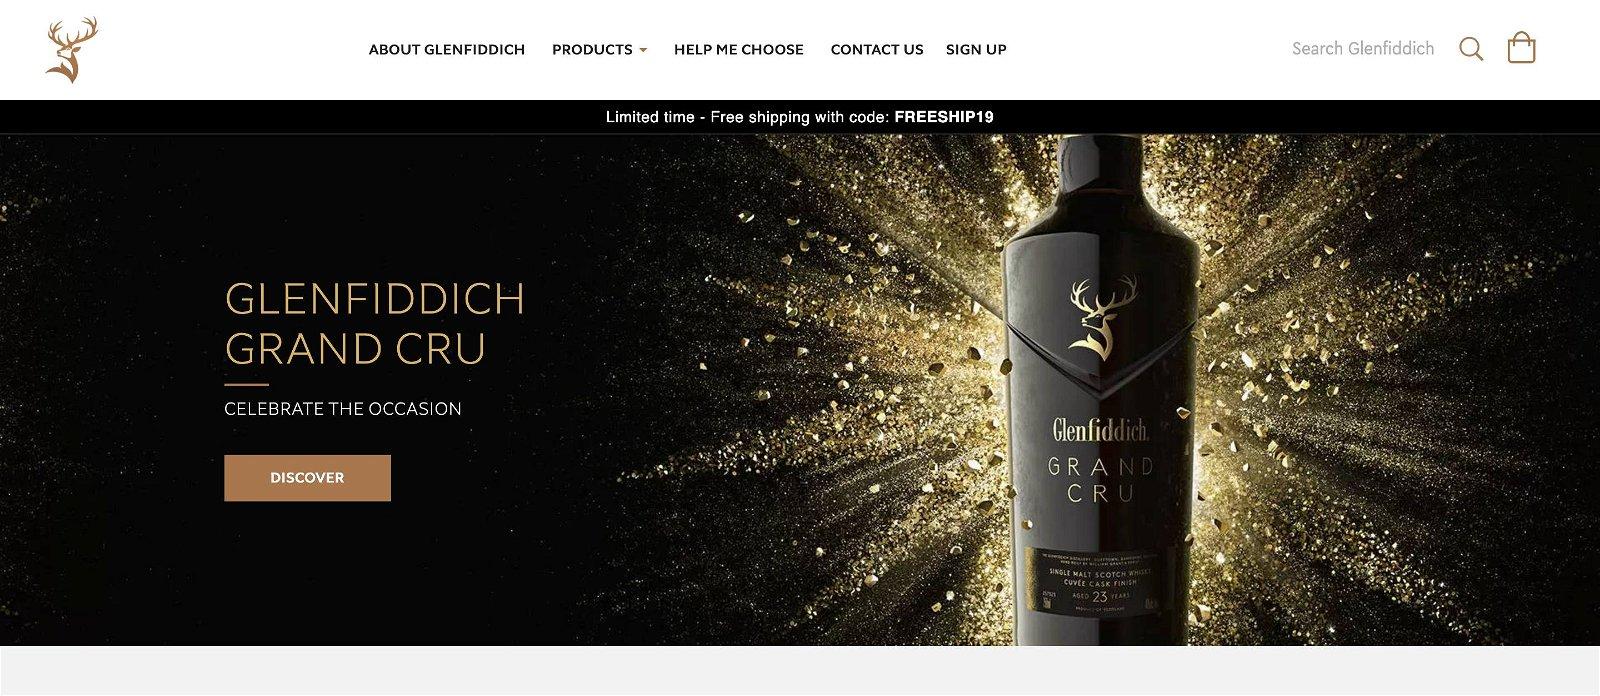 Glenfiddich.com 1